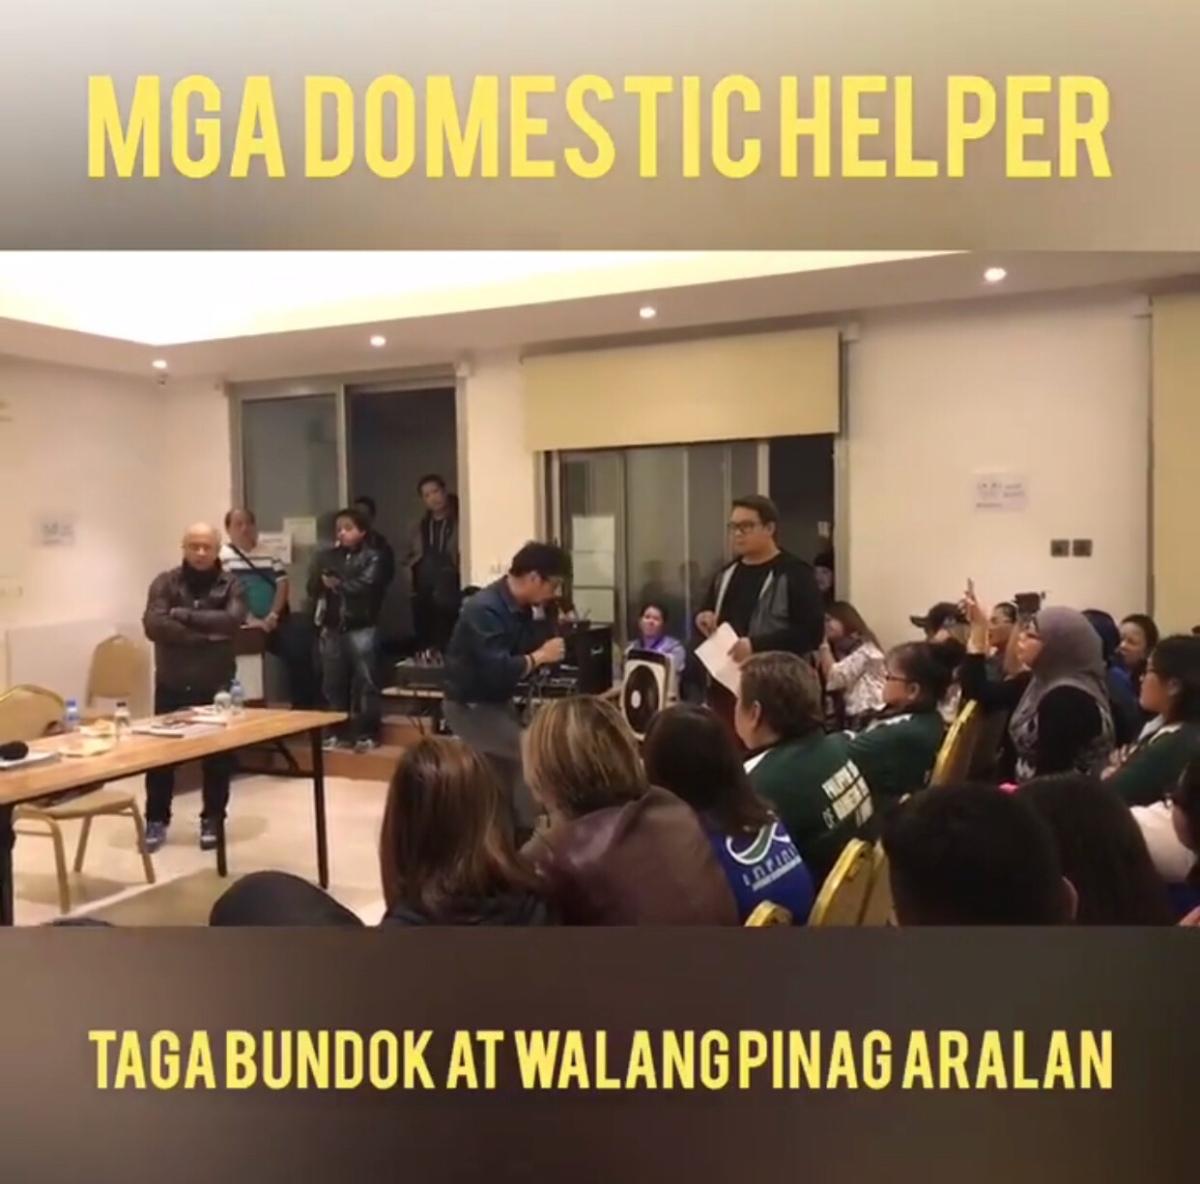 """""""Tagabundok at Walang Pinag-aralan ang mga Domestic Helper"""" -Recruitment Agency"""